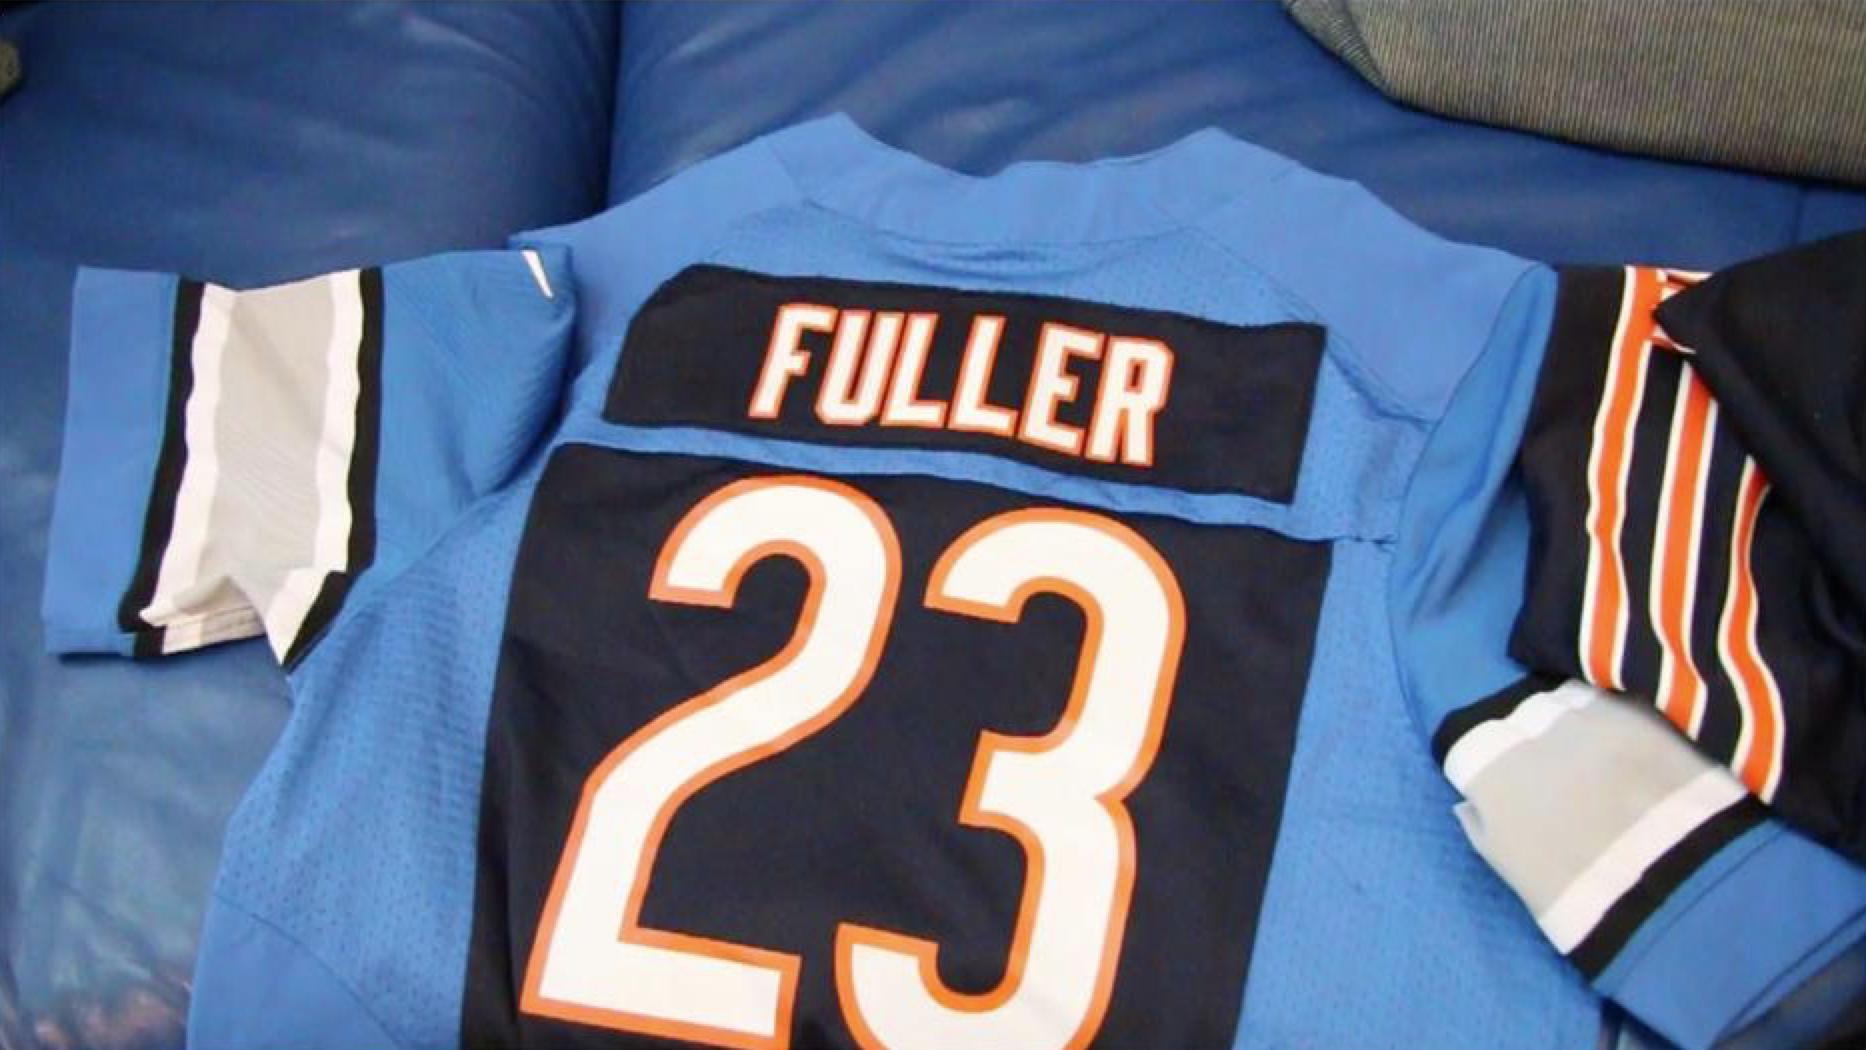 FullerJersey3